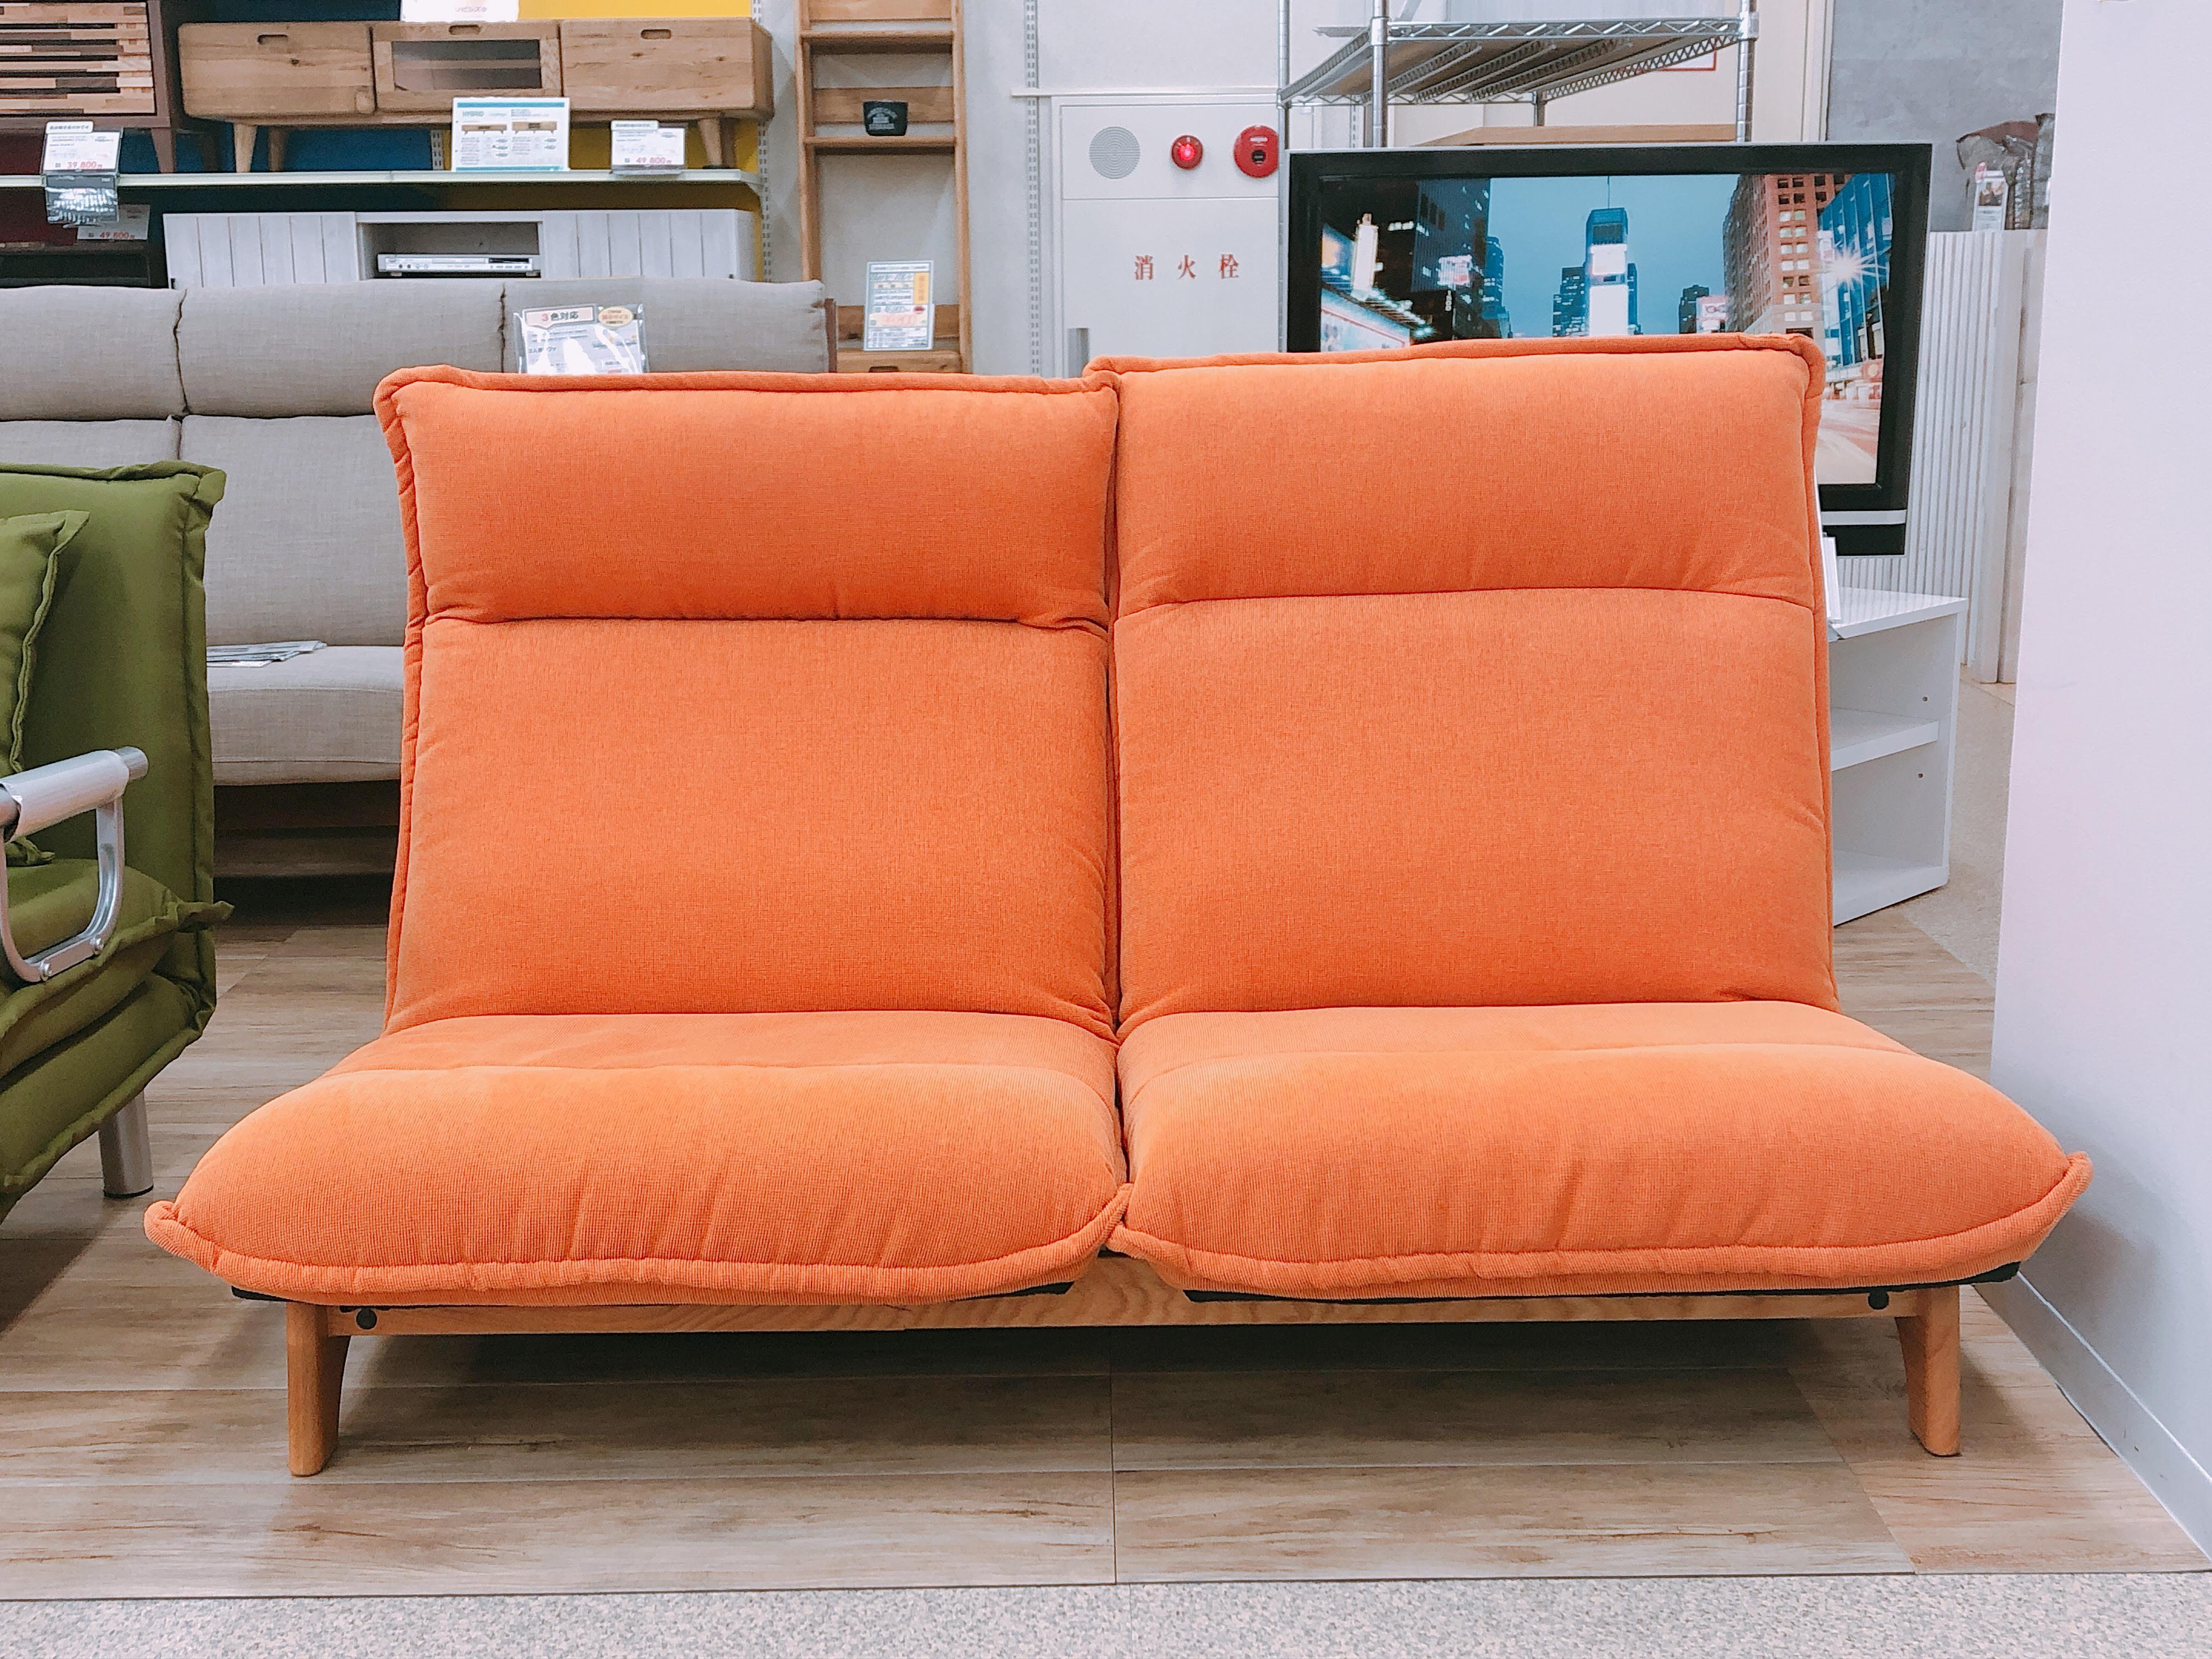 2人掛けリクライニングソファー モデルチェンジのための画像1